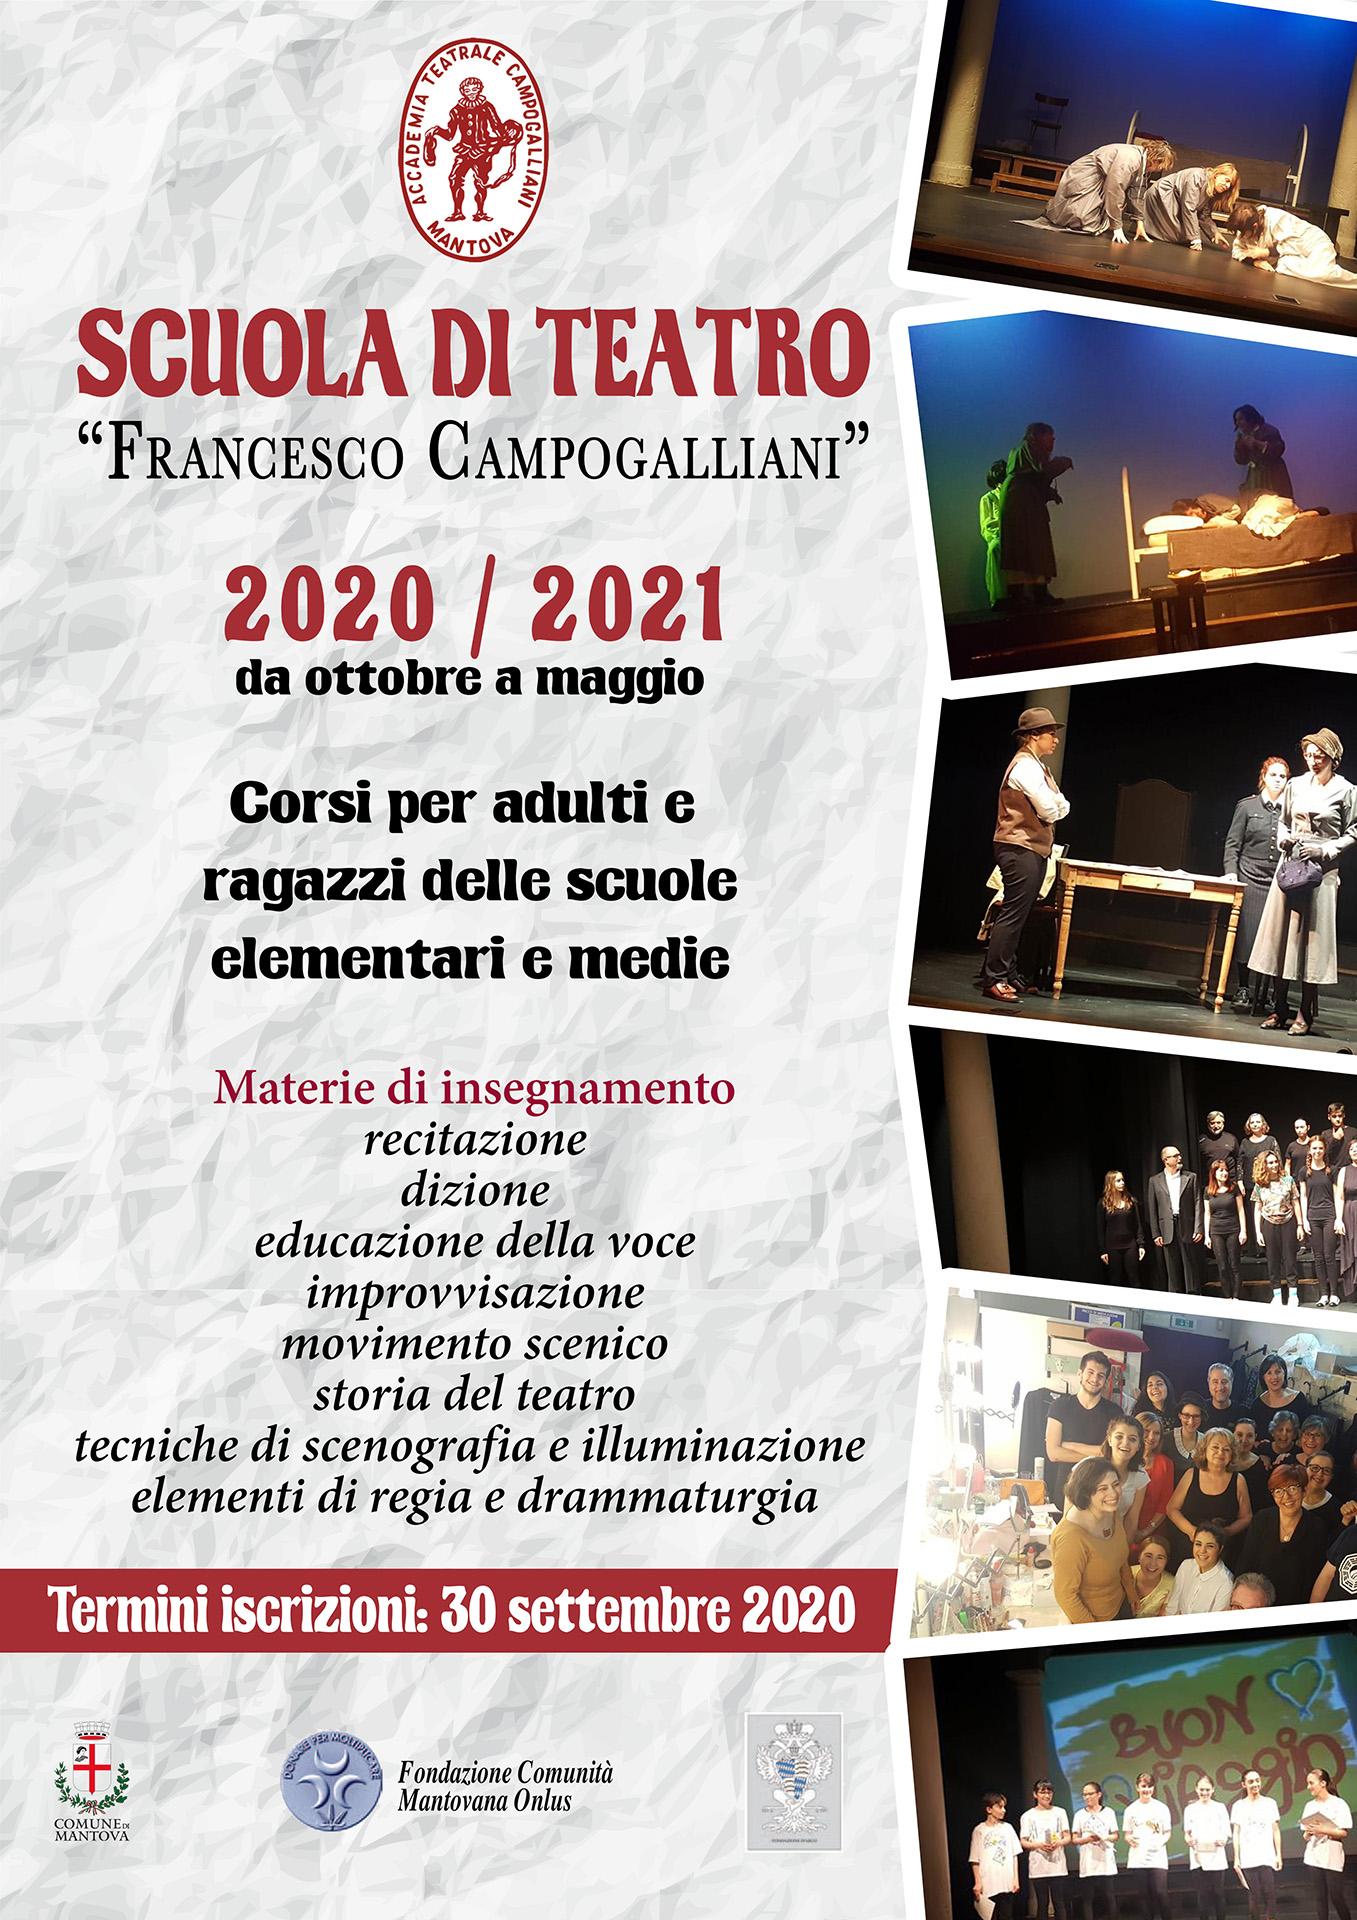 Scuola di teatro 2020-21